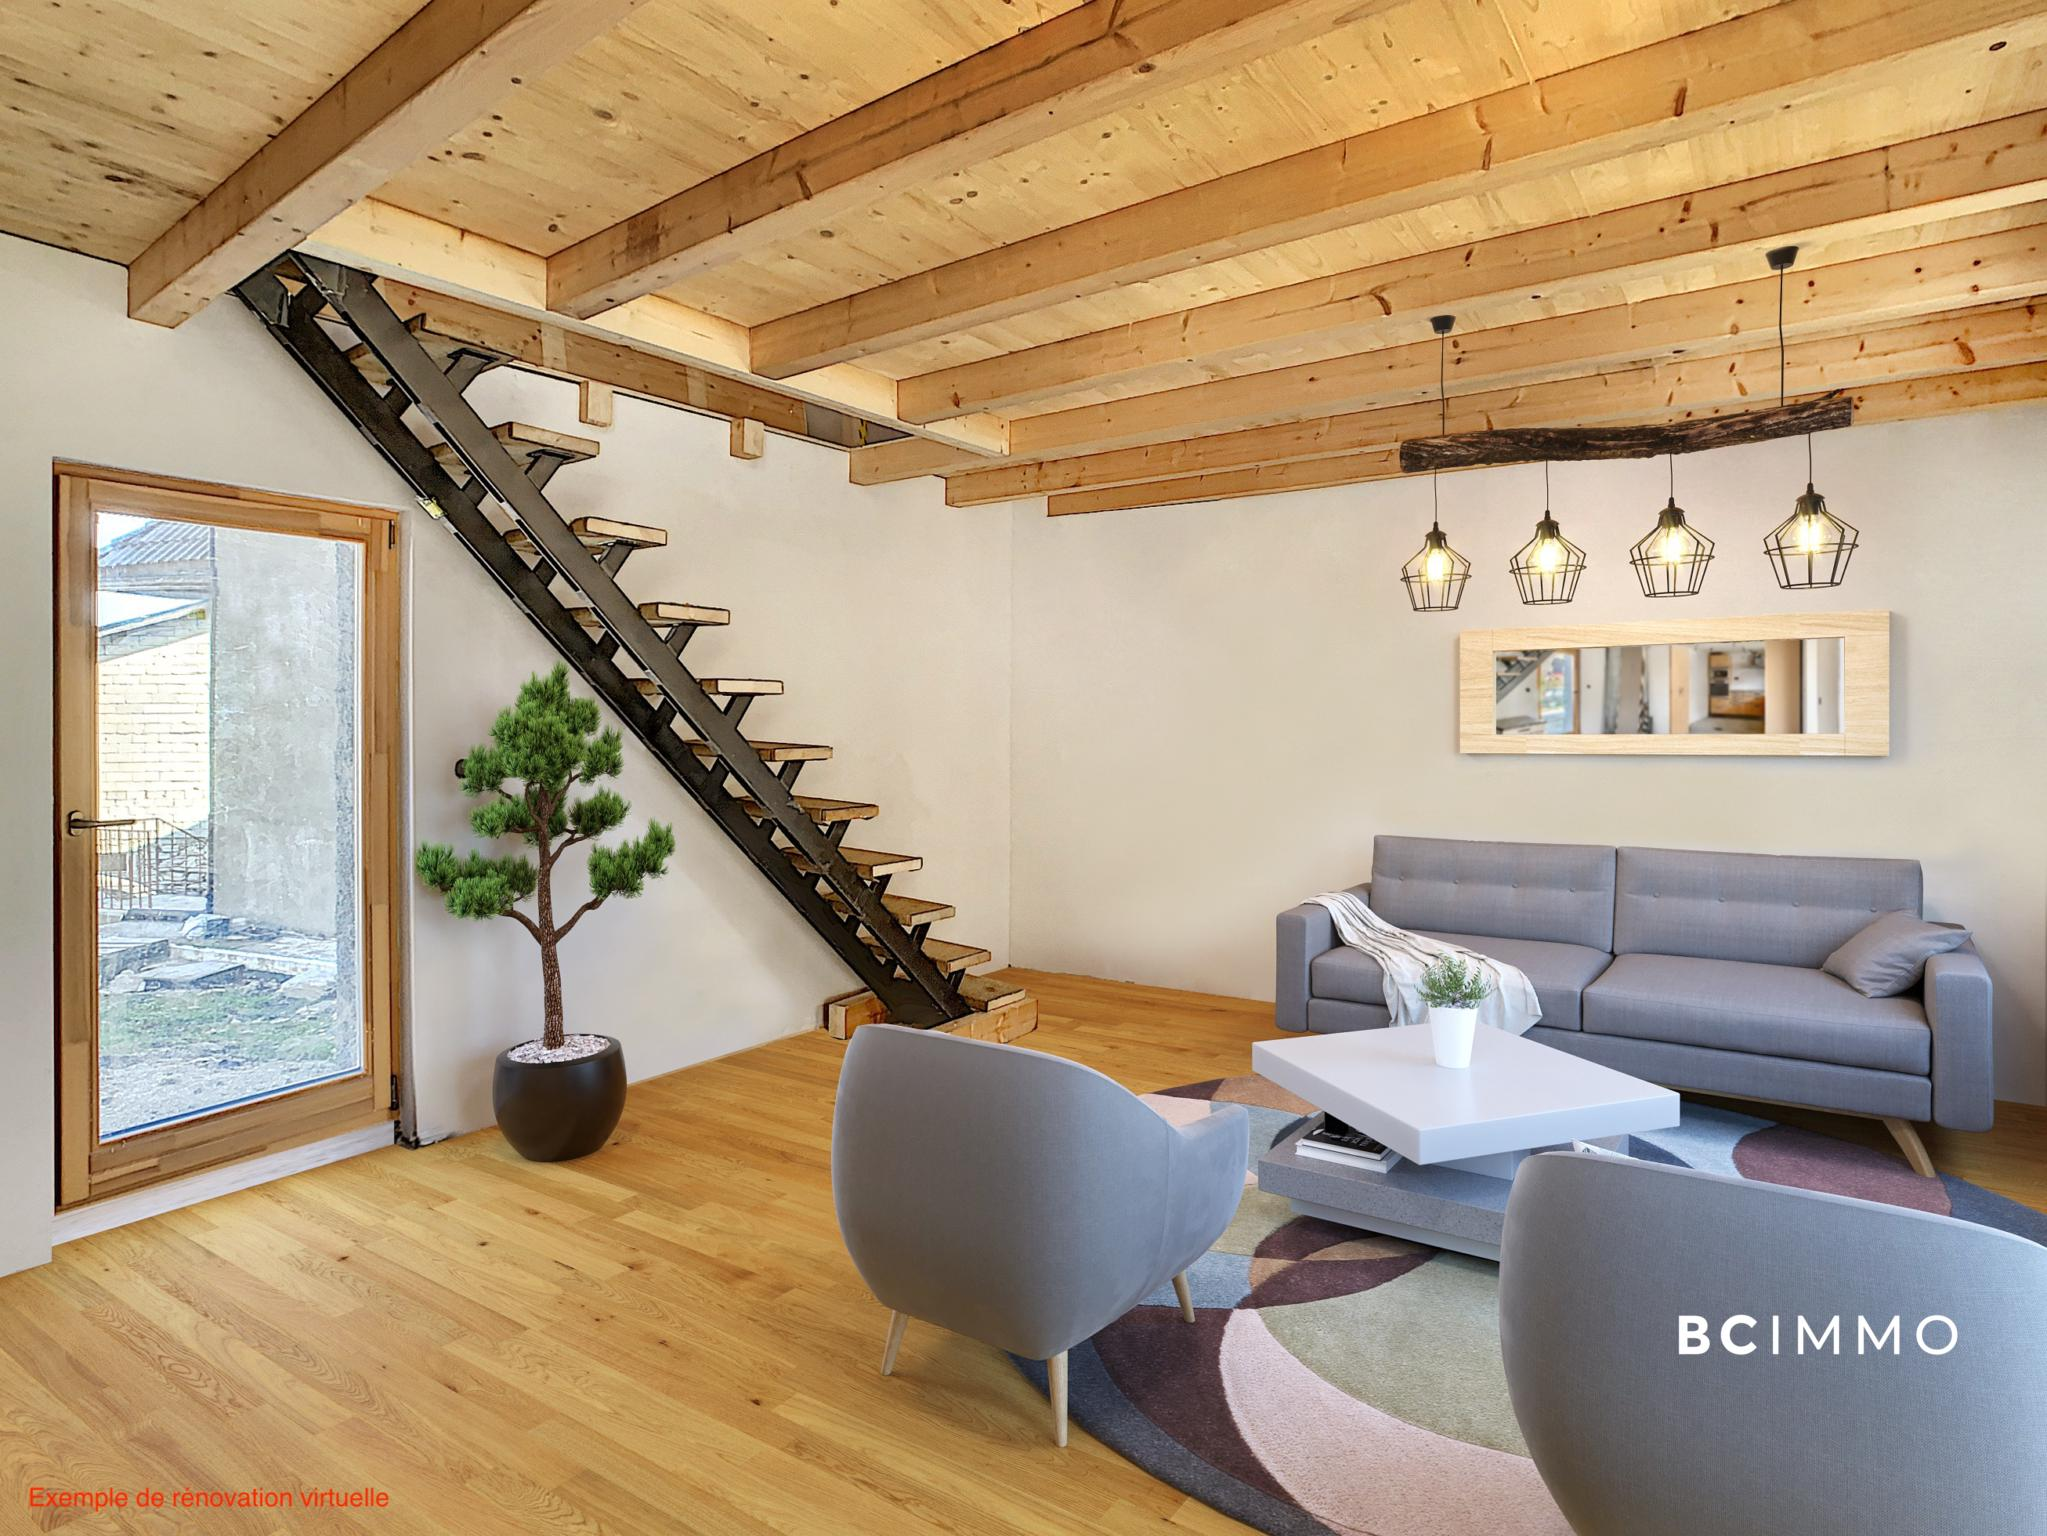 BC Immo - Votre projet d'habitation dans un cadre idyllique  - DCPM76